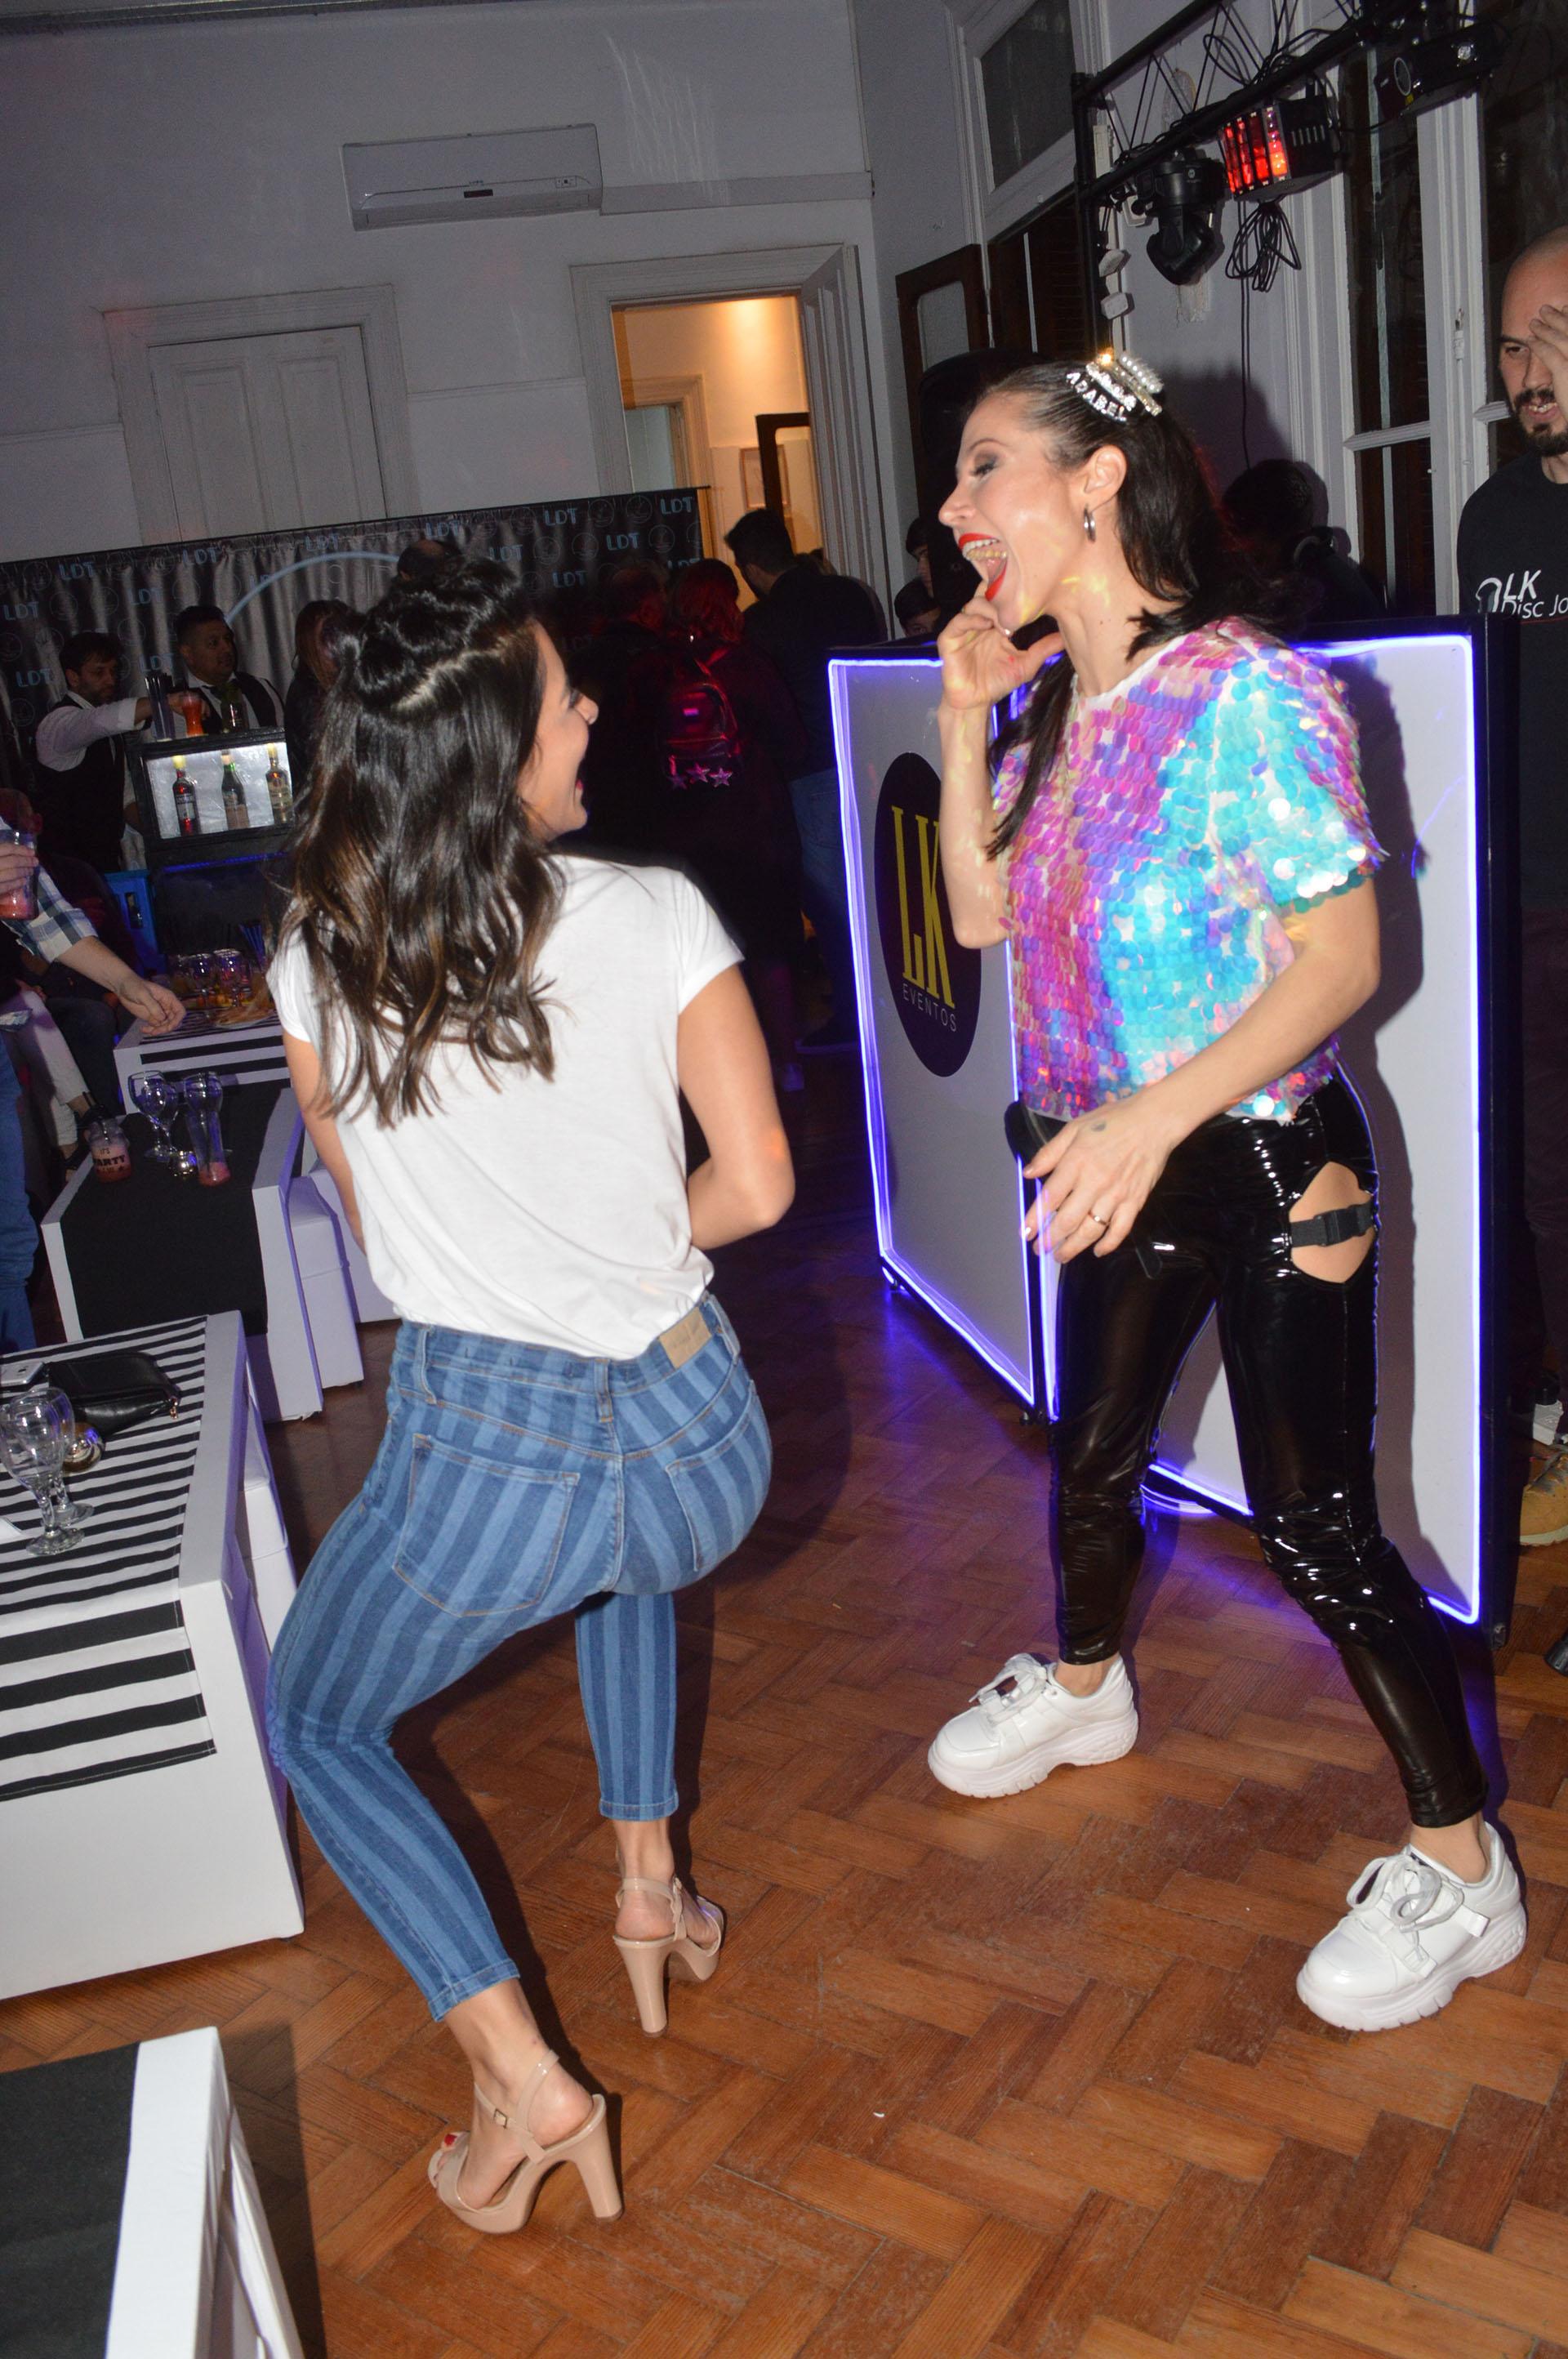 Acompañada por su amiga Celeste Muriega, Adabel fue la que más acaparó la improvisada pista de baile